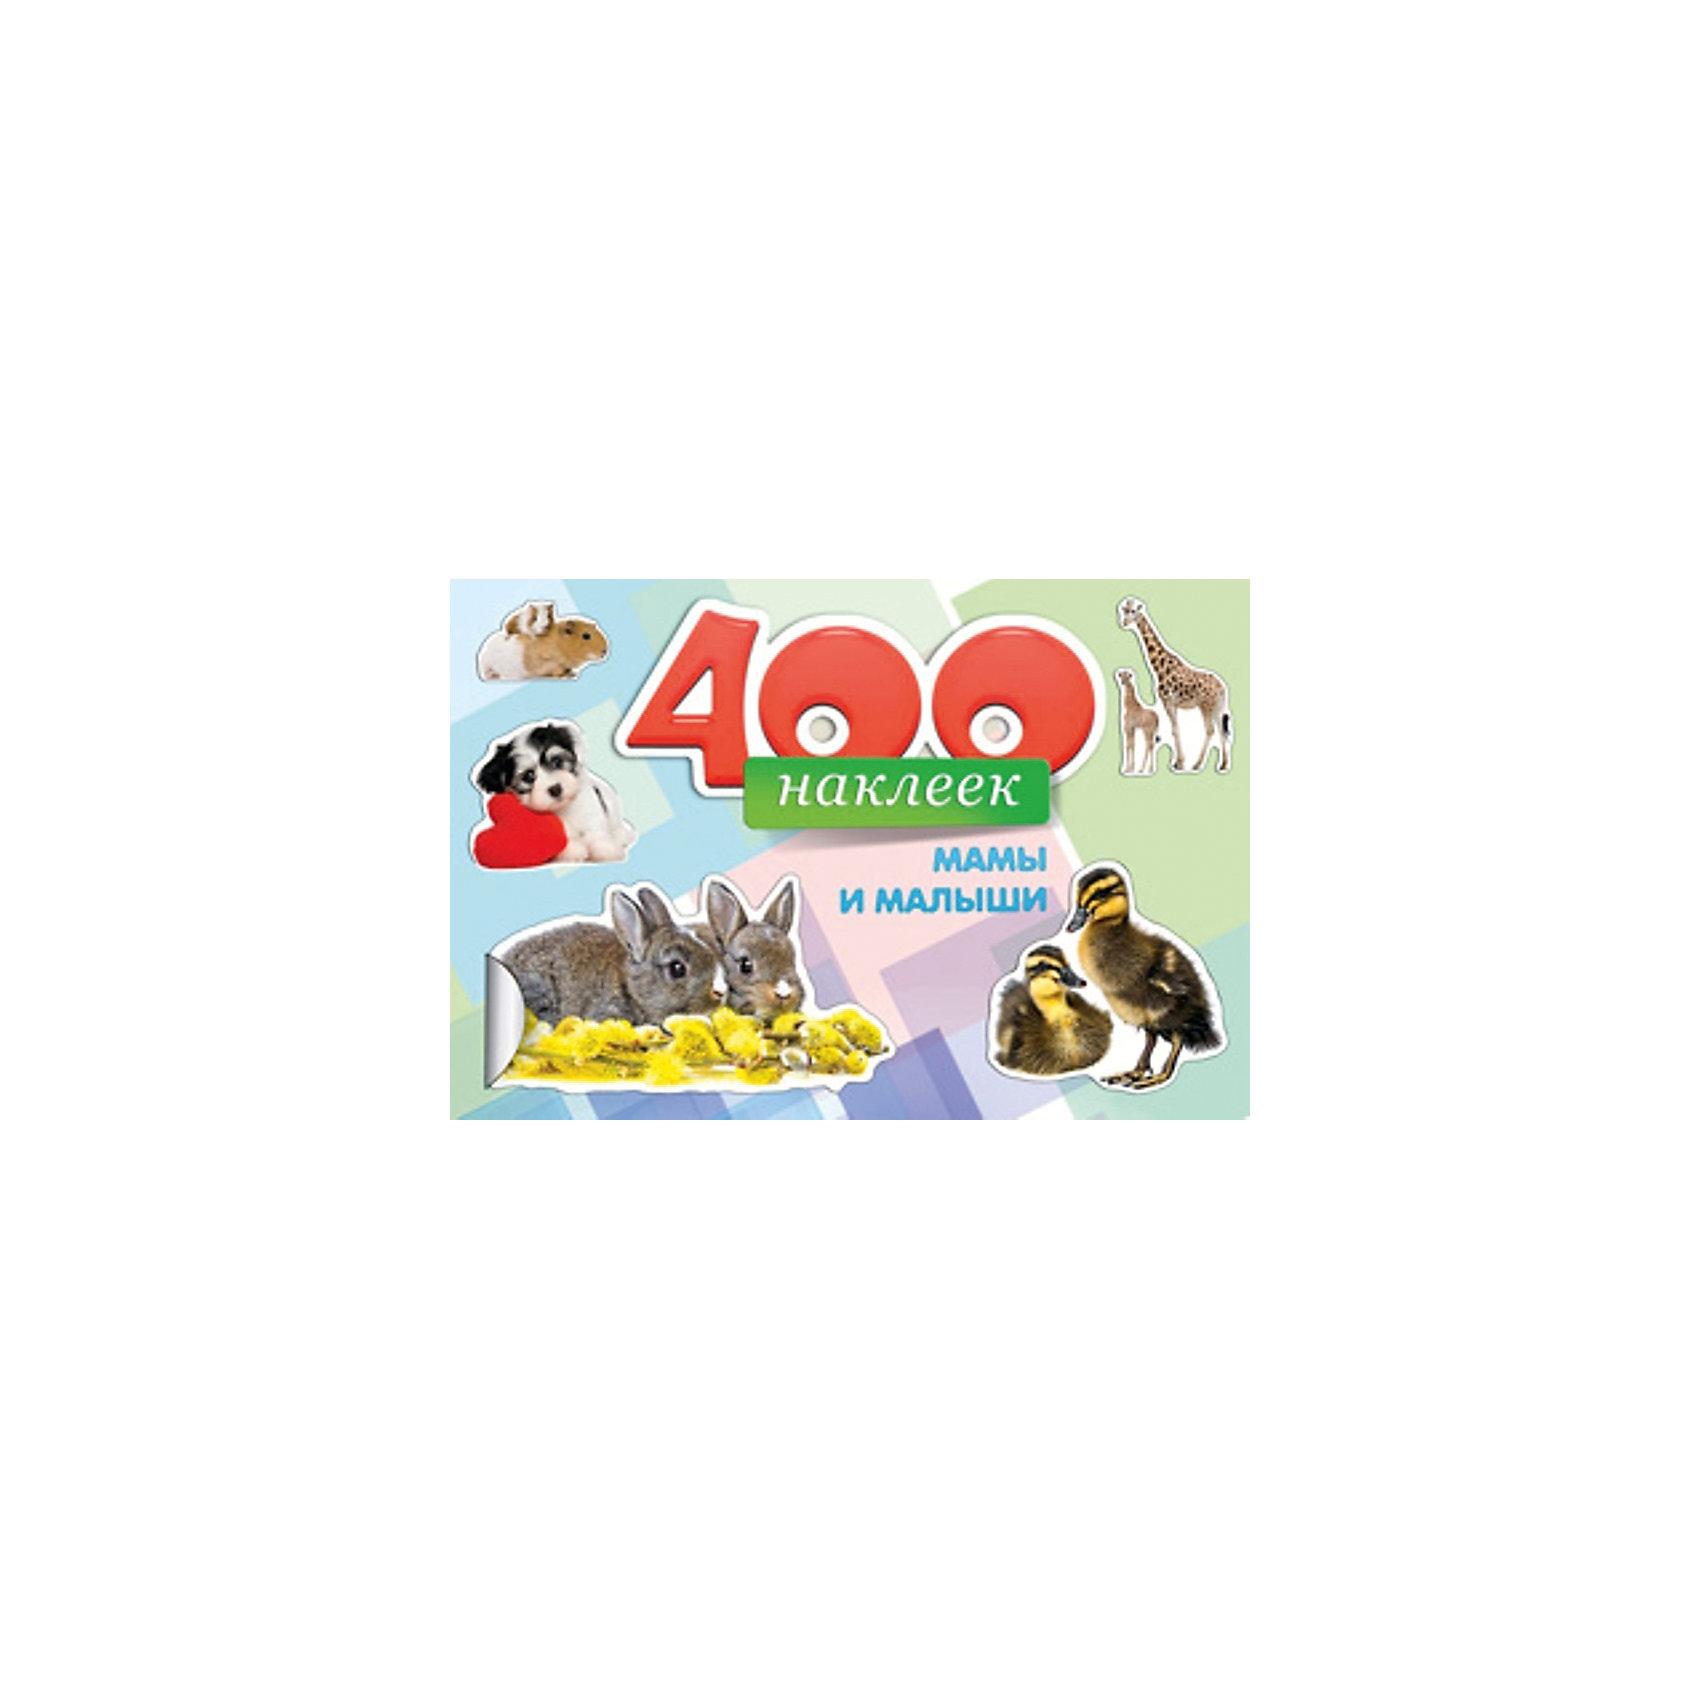 400 наклеек Мамы и малышиКниги для развития творческих навыков<br>Игры с наклейками помогают детям познавать мир и учиться многим вещам, также альбомы позволяют ребенку весело проводить время. Эти издания также стимулируют развитие воображения, логики и творческого мышления.<br>Данный альбом содержит наклейки,  с помощью которых ребенок может узнавать много нового! Выбирать понравившуюся и переклеивать. Яркие наклейки обязательно понравятся малышам!<br>  <br>Дополнительная информация:<br><br>страниц: 6; <br>размер:  295x205 мм;<br>вес: 155 г.<br><br>400 наклеек Мамы и малыши от издательства Проф-Пресс можно купить в нашем магазине.<br><br>Ширина мм: 295<br>Глубина мм: 5<br>Высота мм: 200<br>Вес г: 155<br>Возраст от месяцев: 24<br>Возраст до месяцев: 96<br>Пол: Унисекс<br>Возраст: Детский<br>SKU: 4787207